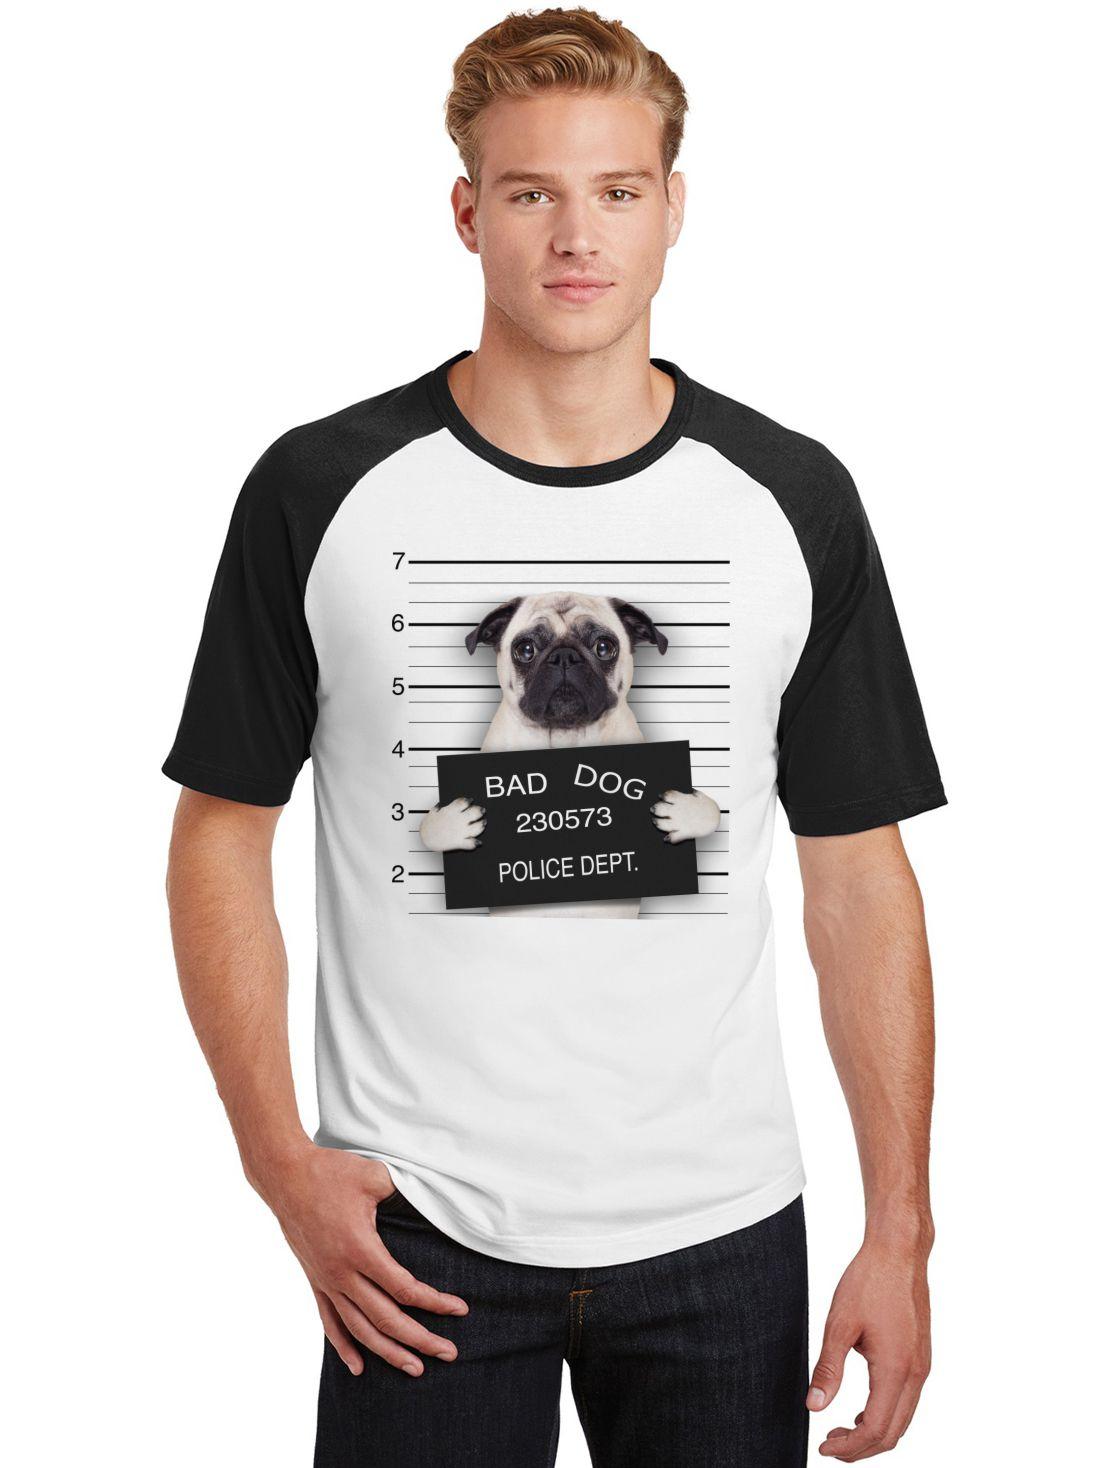 Camiseta Masculina Raglan Pets Bad Dog Pug ES_194